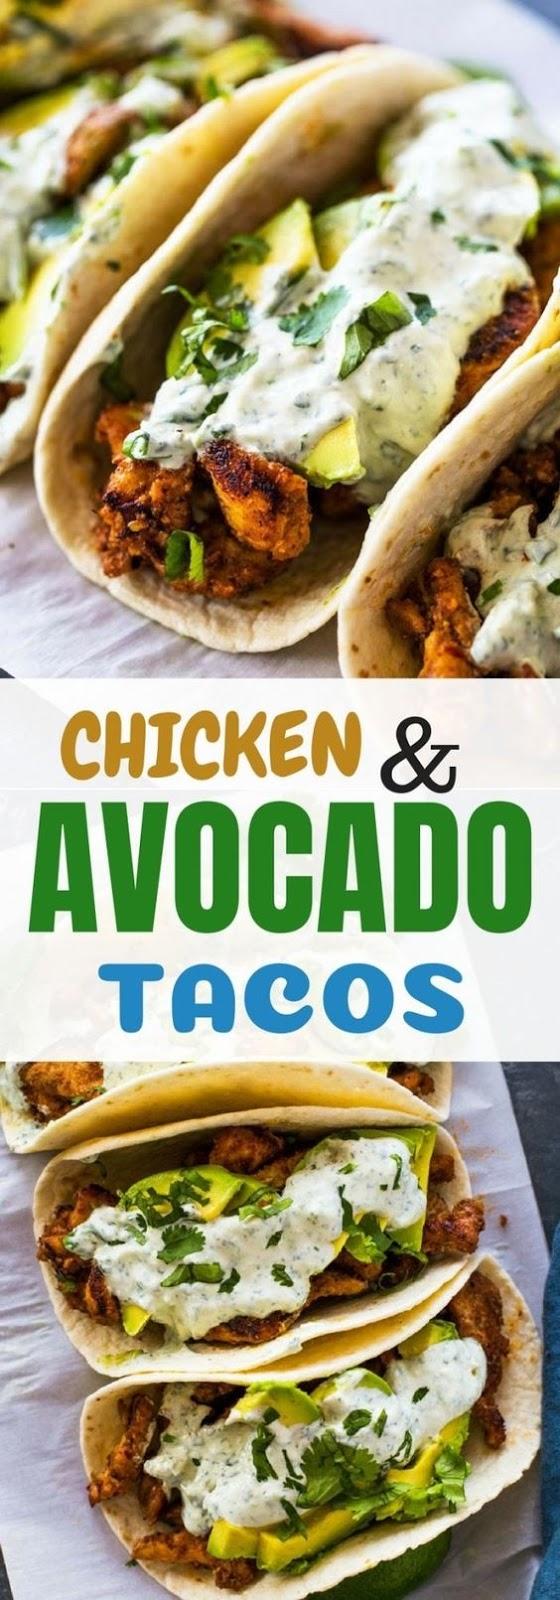 Chicken And Avocado Tacos With Creamy Cilantro Sauce